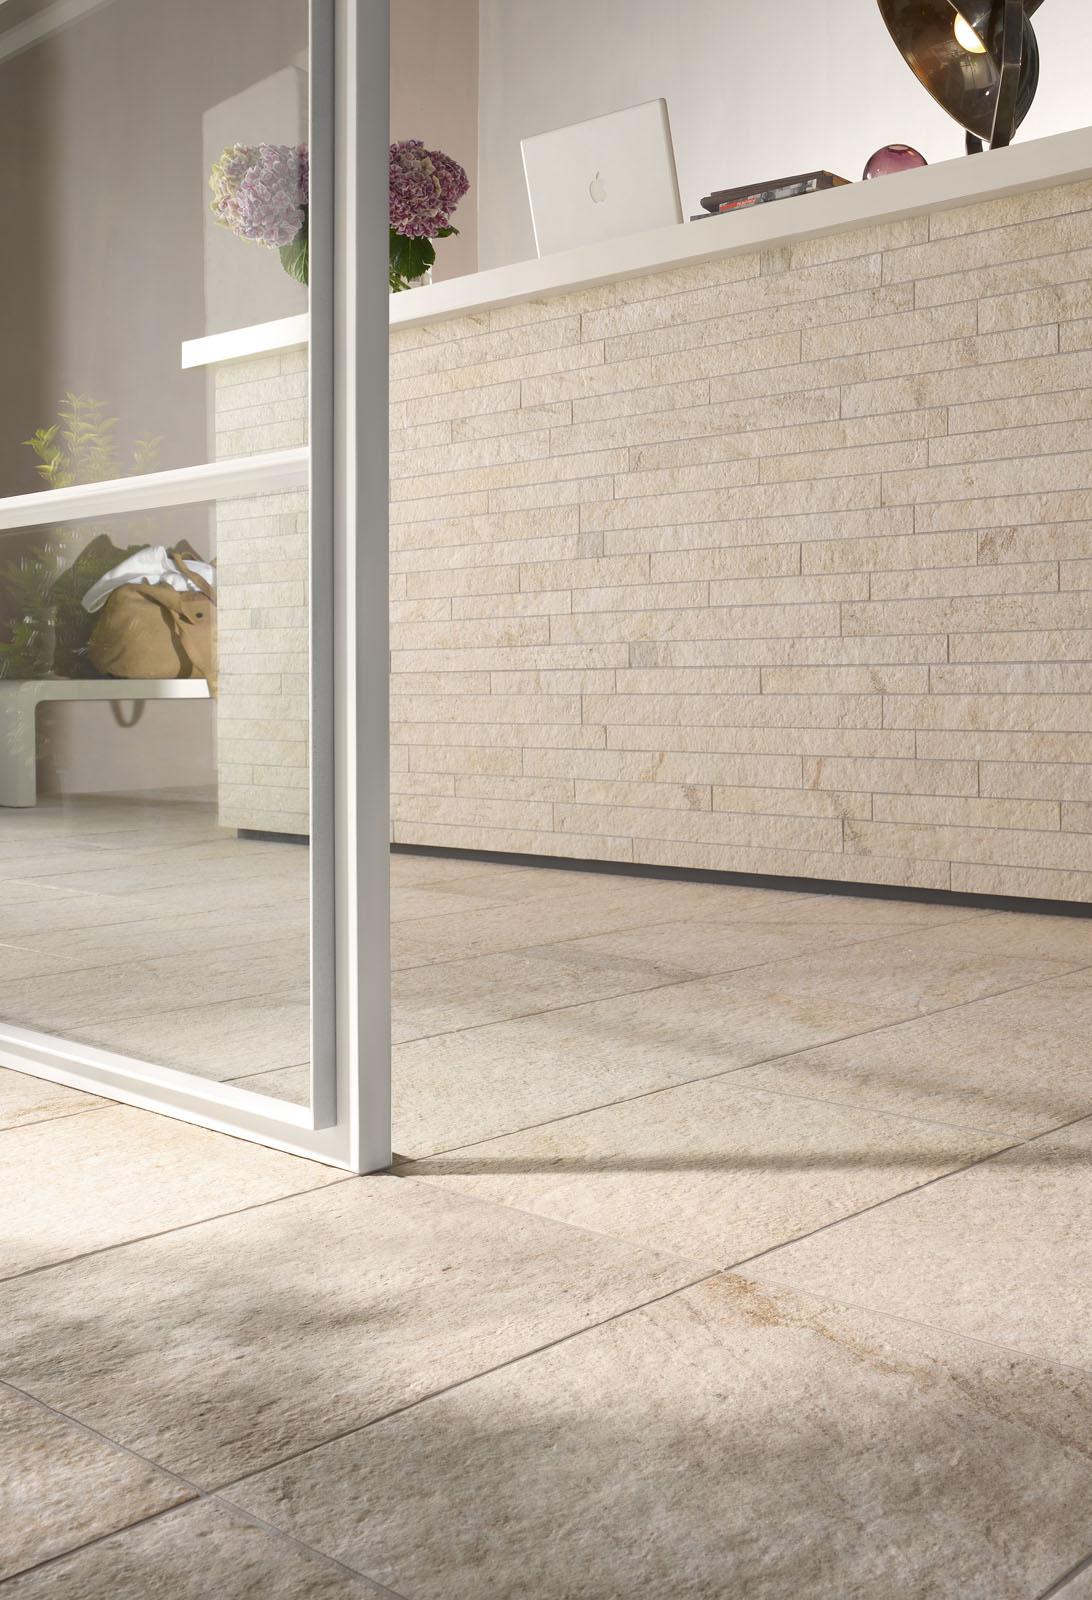 Multiquartz gres porcel nico para exteriores marazzi - Gres porcelanico limpieza ...